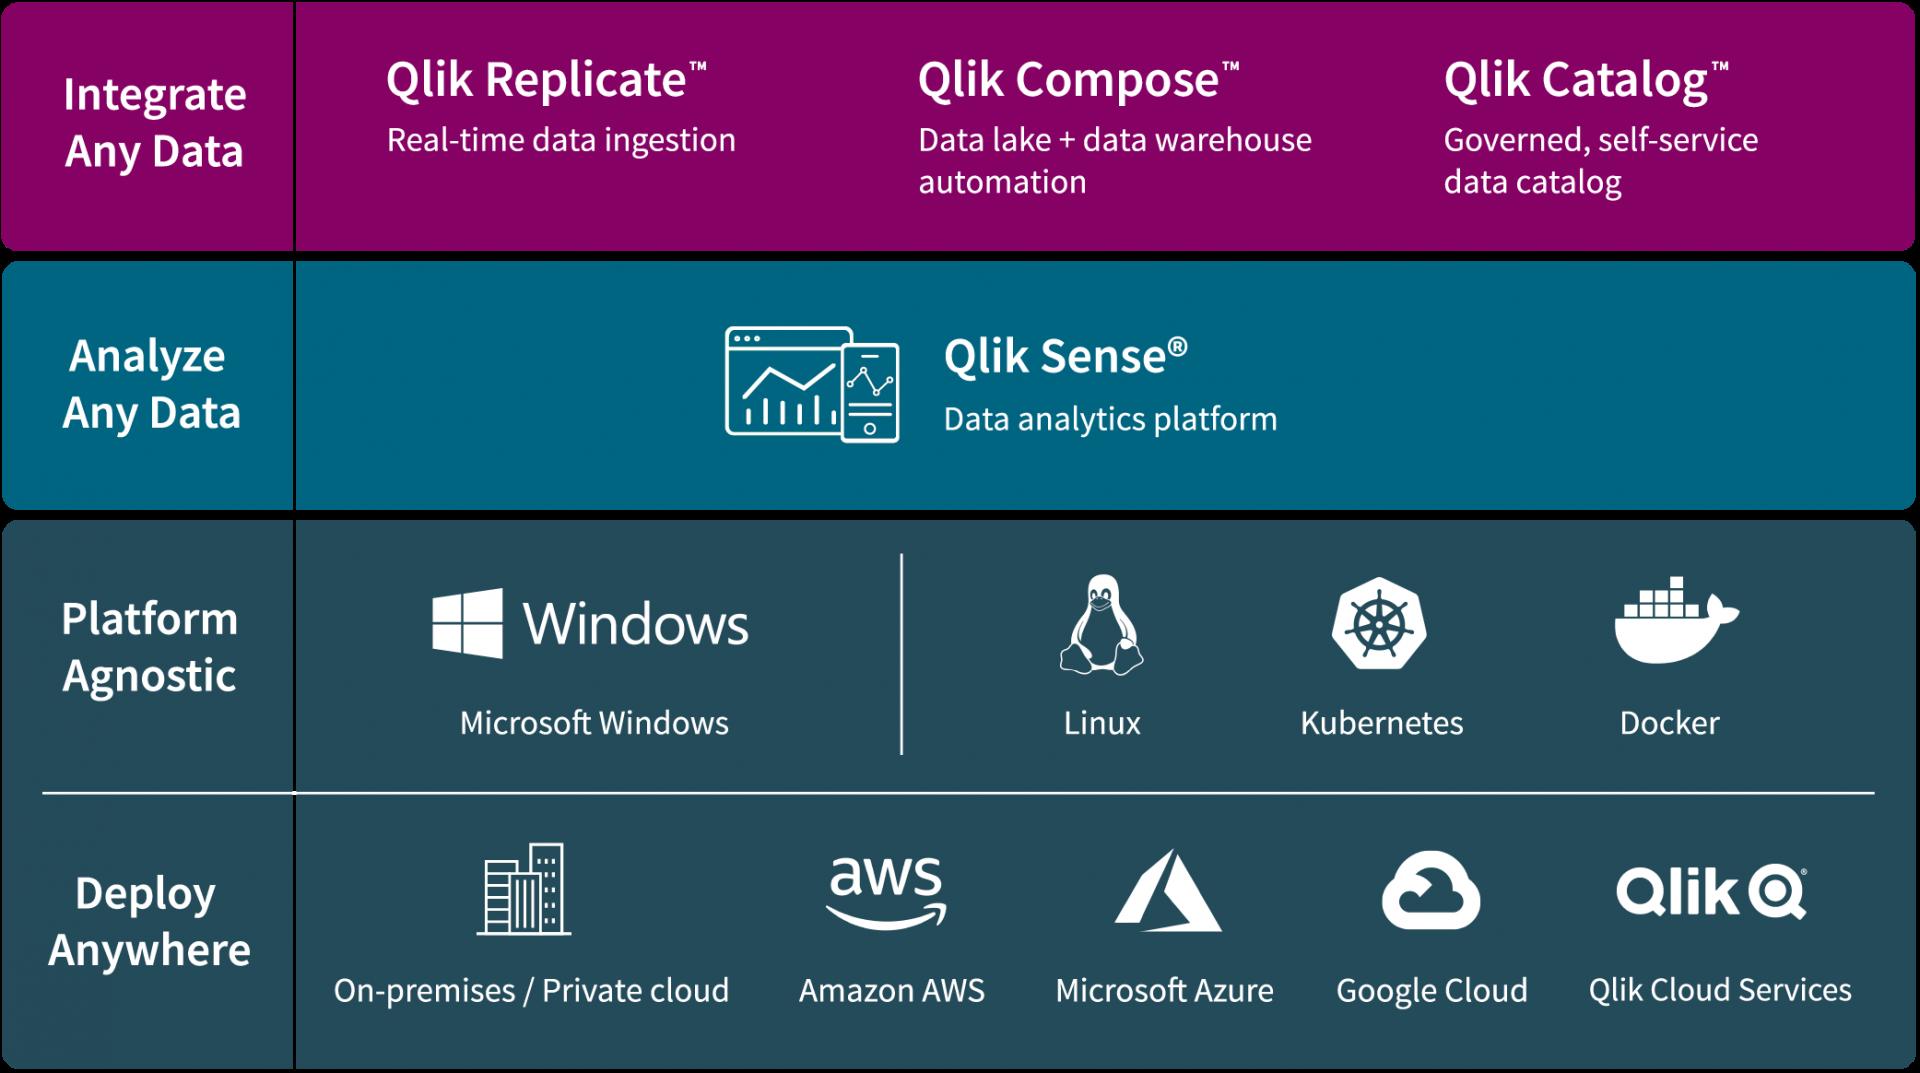 Die Architektur und Plattformstrategie von Qlik